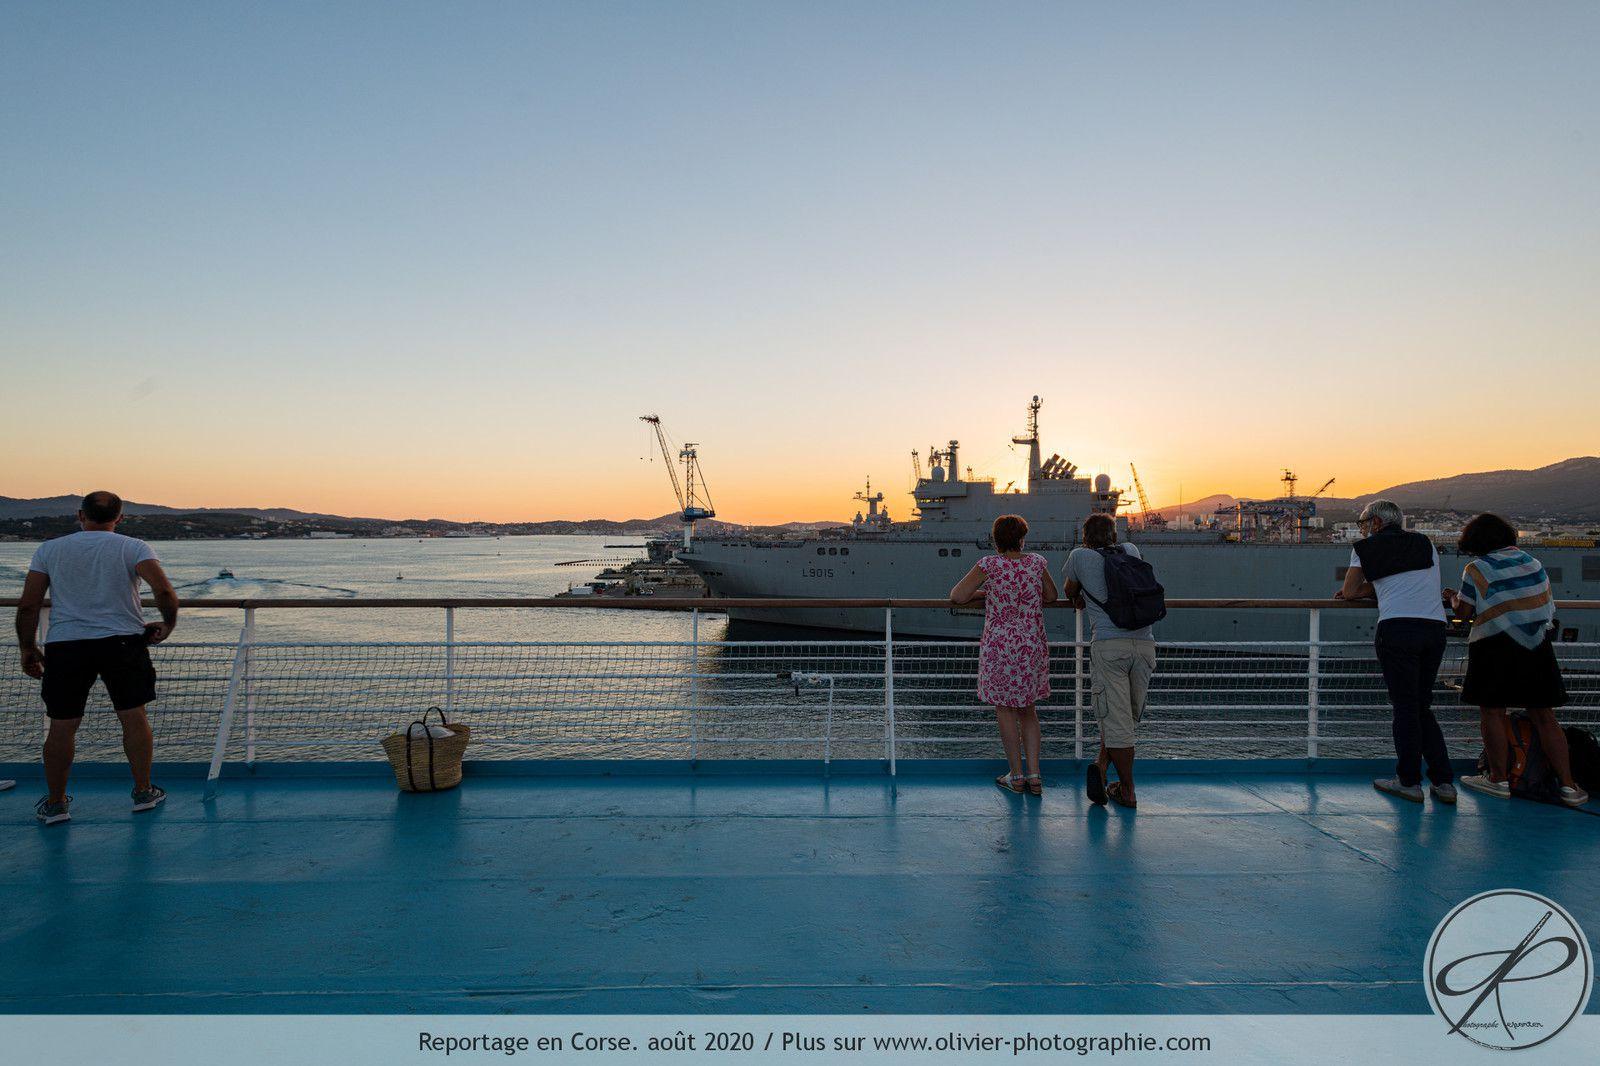 Le départ. Des personnes en train de regarder le port militaire de Toulon depuis le pont le plus haut du ferry.